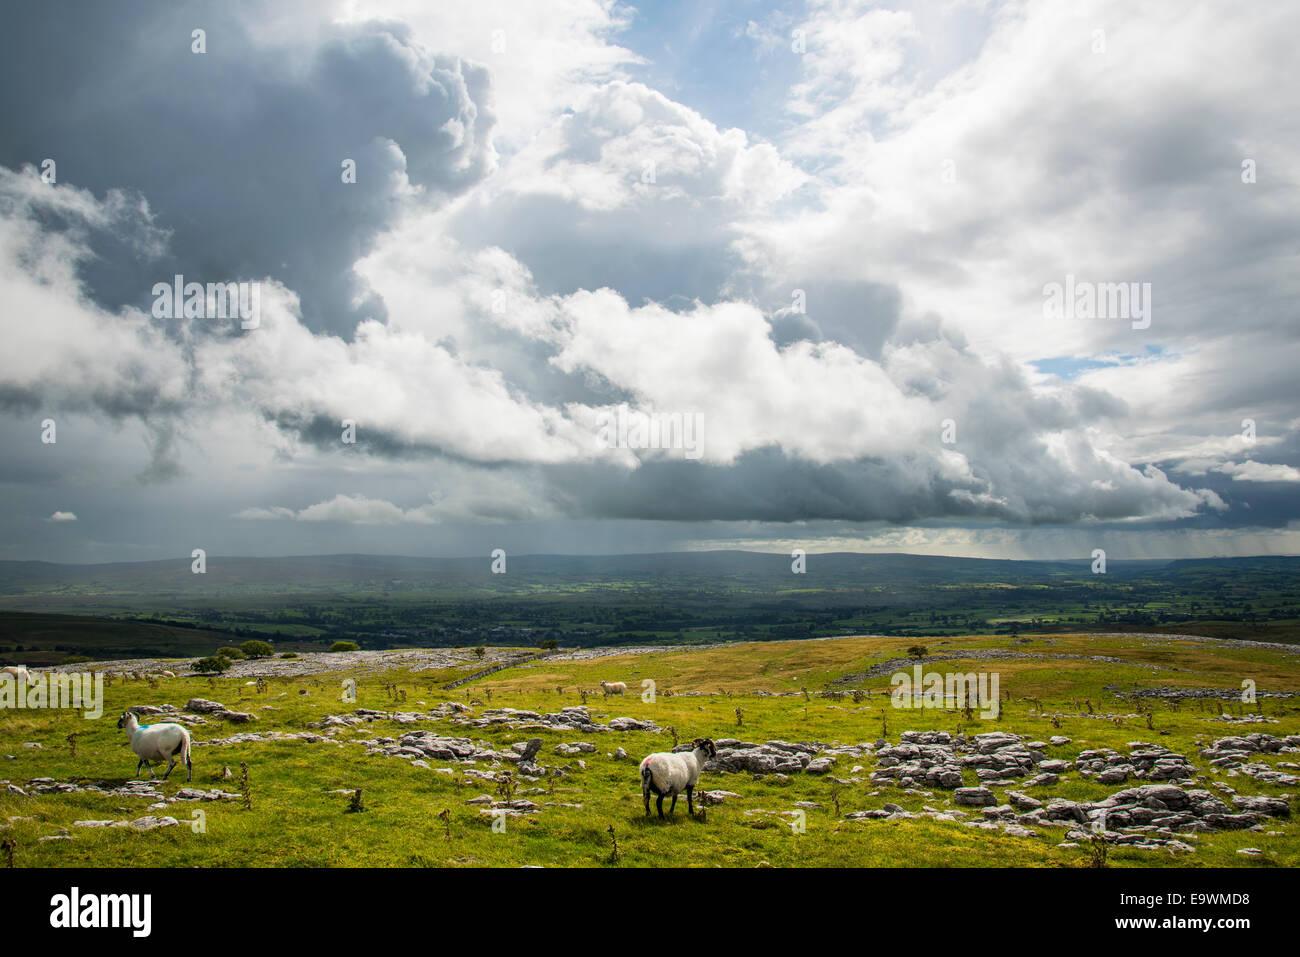 Bedrohliche Wolken und Schafe auf den unteren Hängen des Whernside in den Yorkshire Dales National Park Stockbild